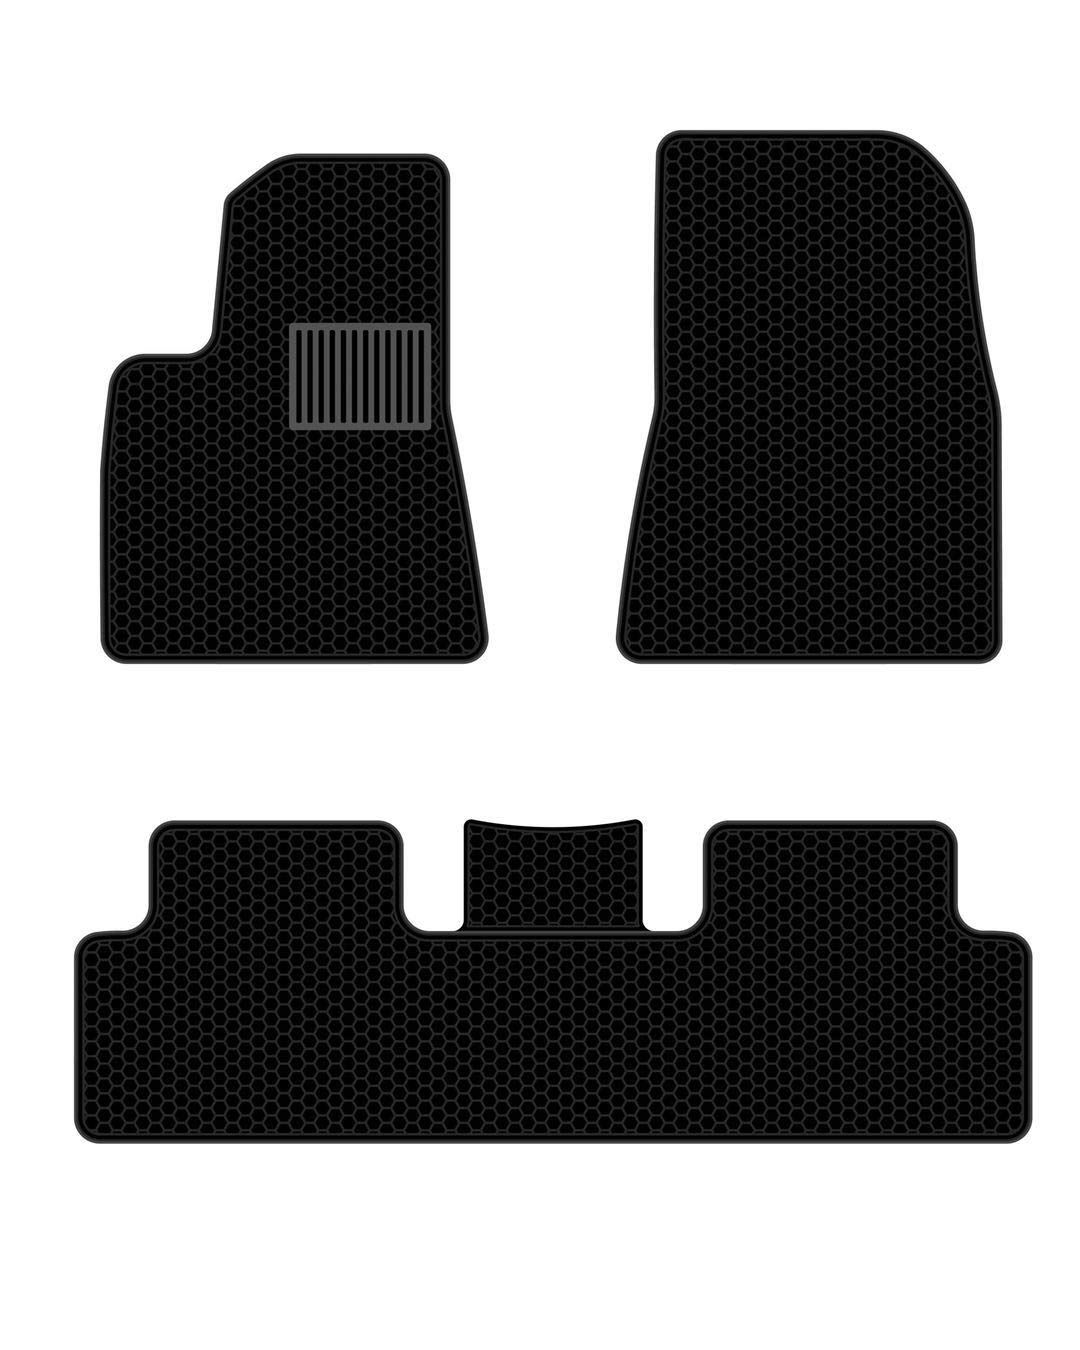 All Weather Waterproof Floor Mats Compatible For Tesla Model 3 Heavy Duty Black Rubber Environmental Materials With Images Waterproof Floor Mats Car Carpet Floor Mats